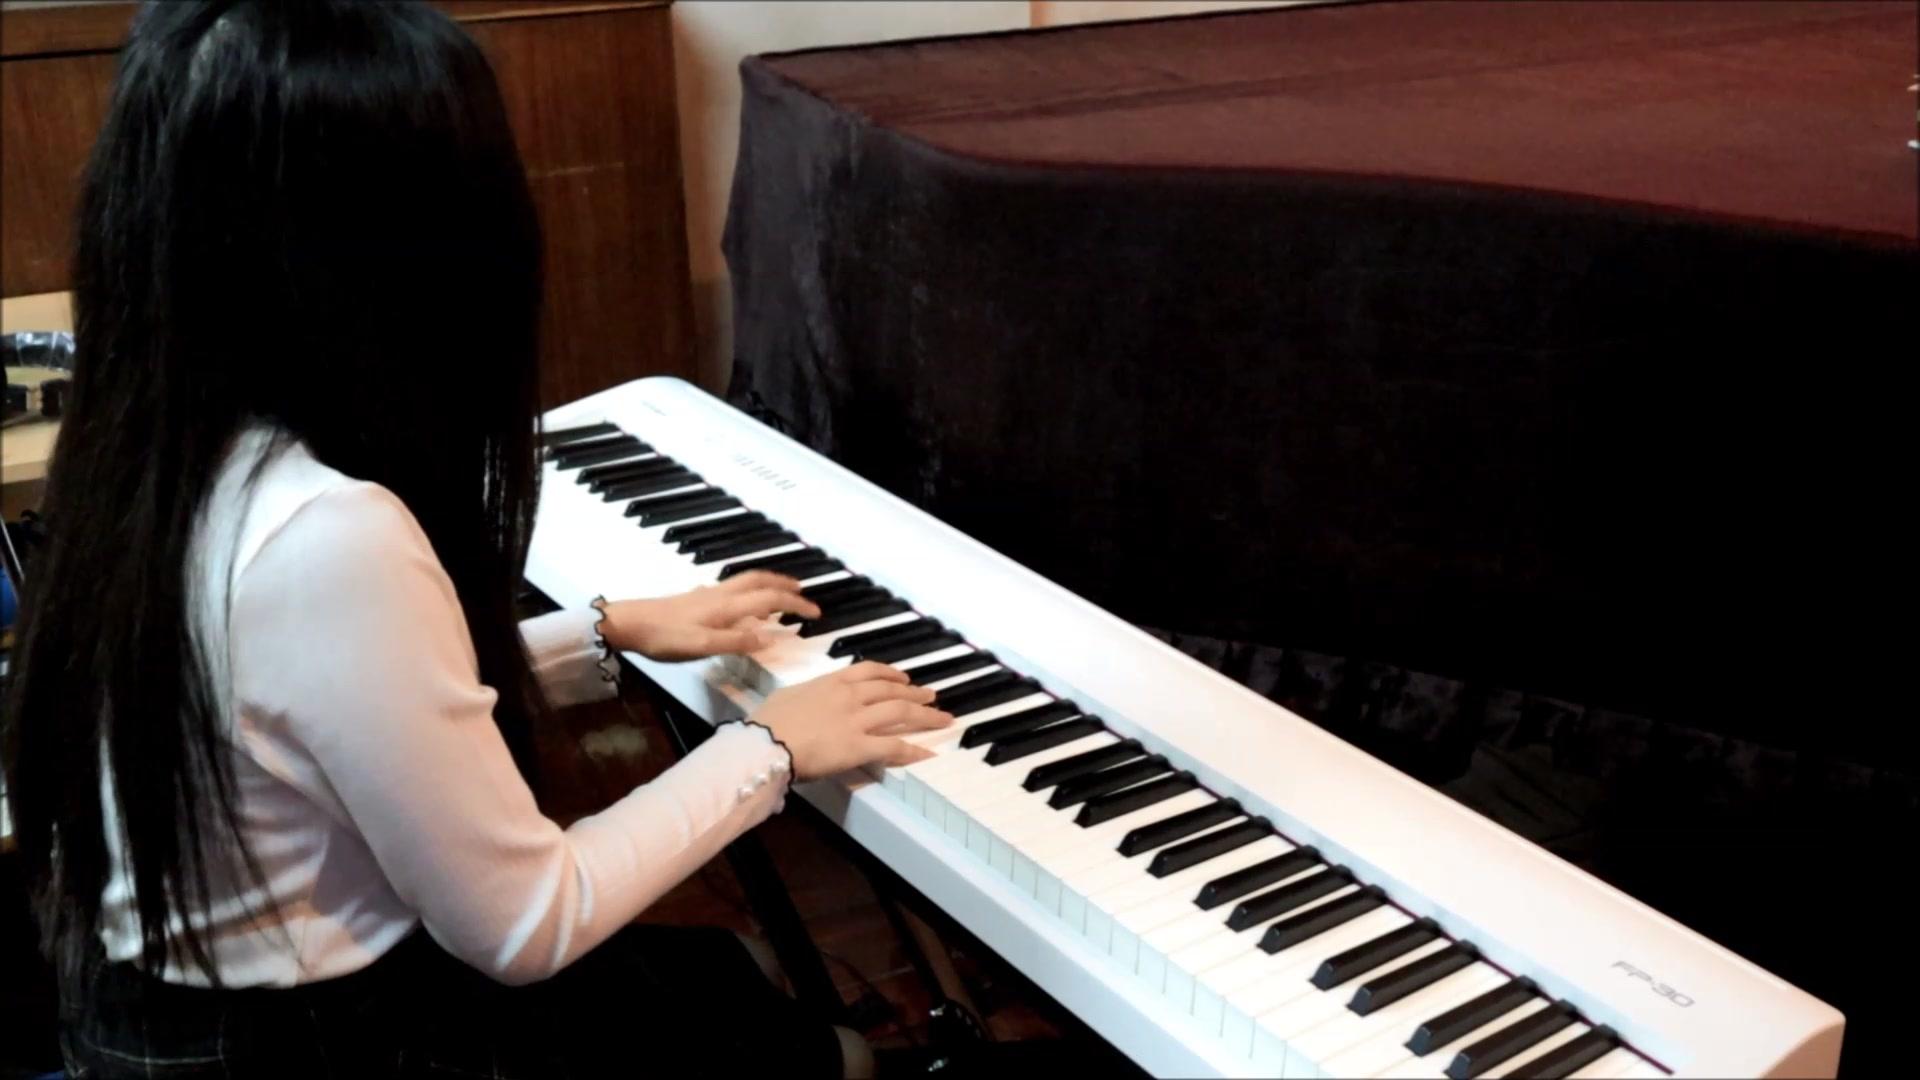 林俊杰 - 將故事寫成我們 - piano cover by Melody_嗶哩嗶哩 (゜-゜)つロ 干杯~-bilibili